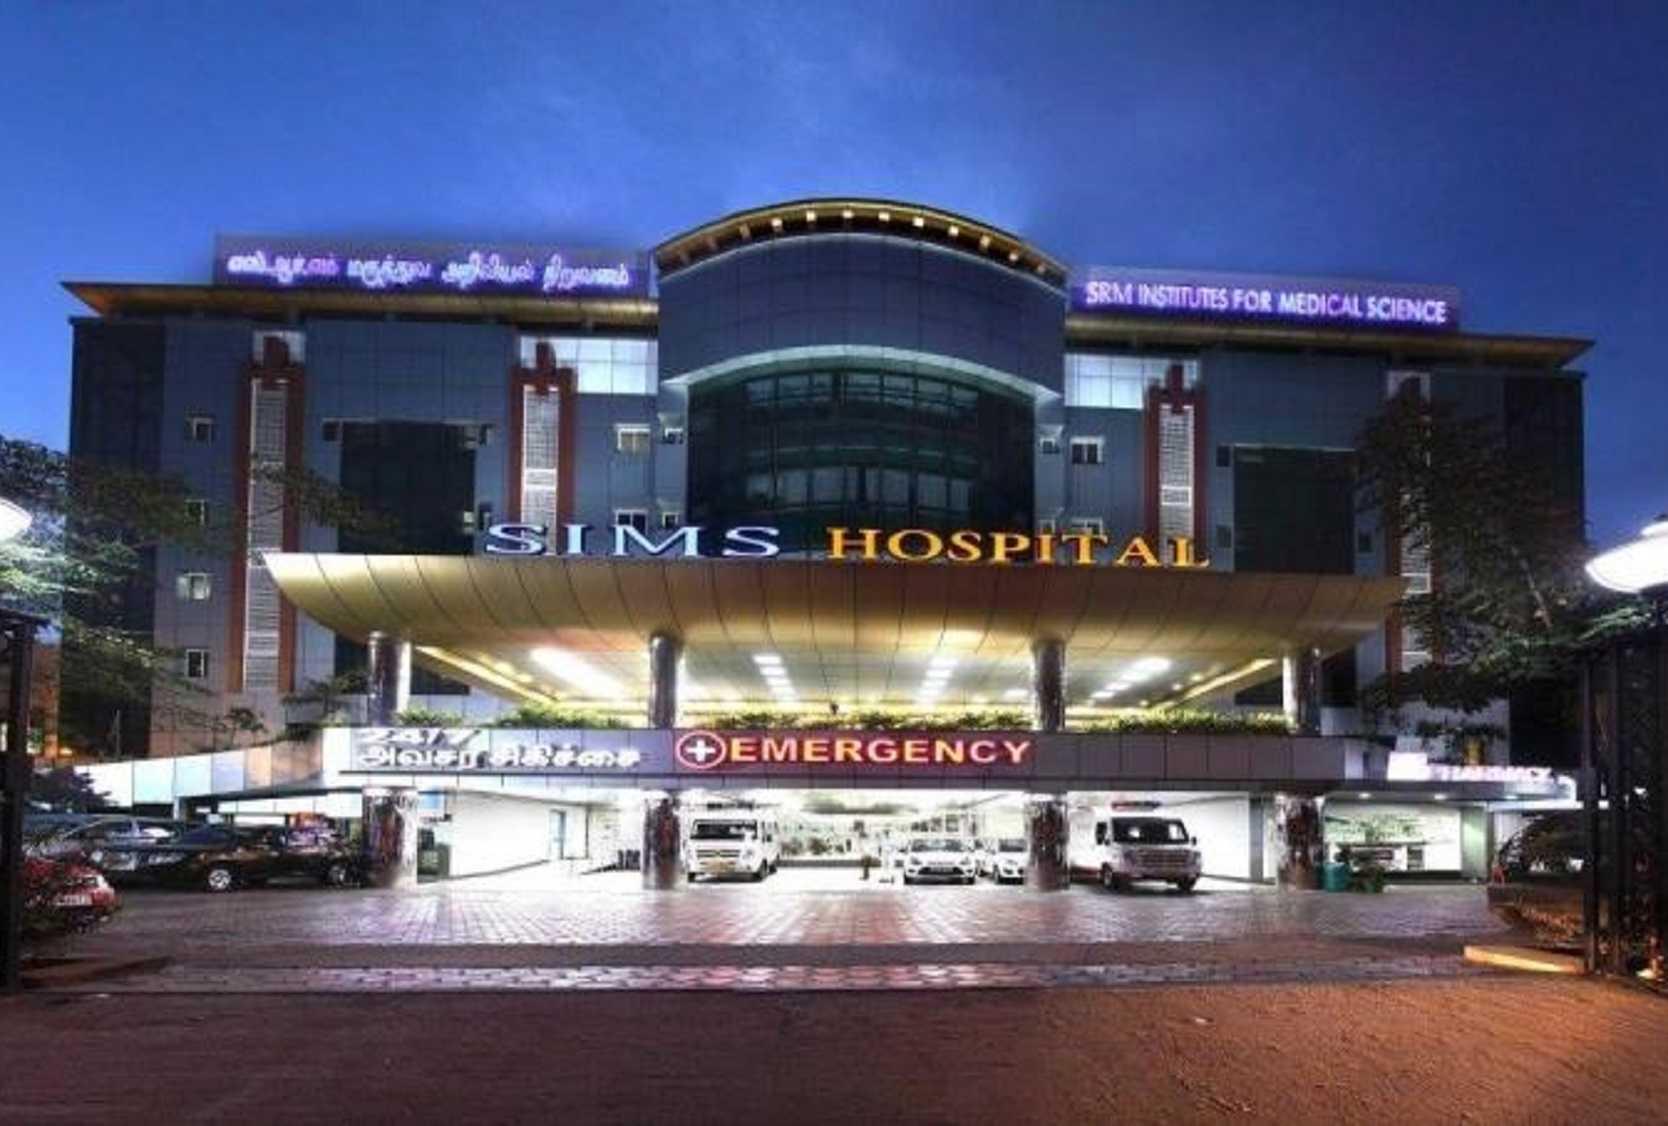 Sims hospital vadapalani chennai dermatologists 15nsg07